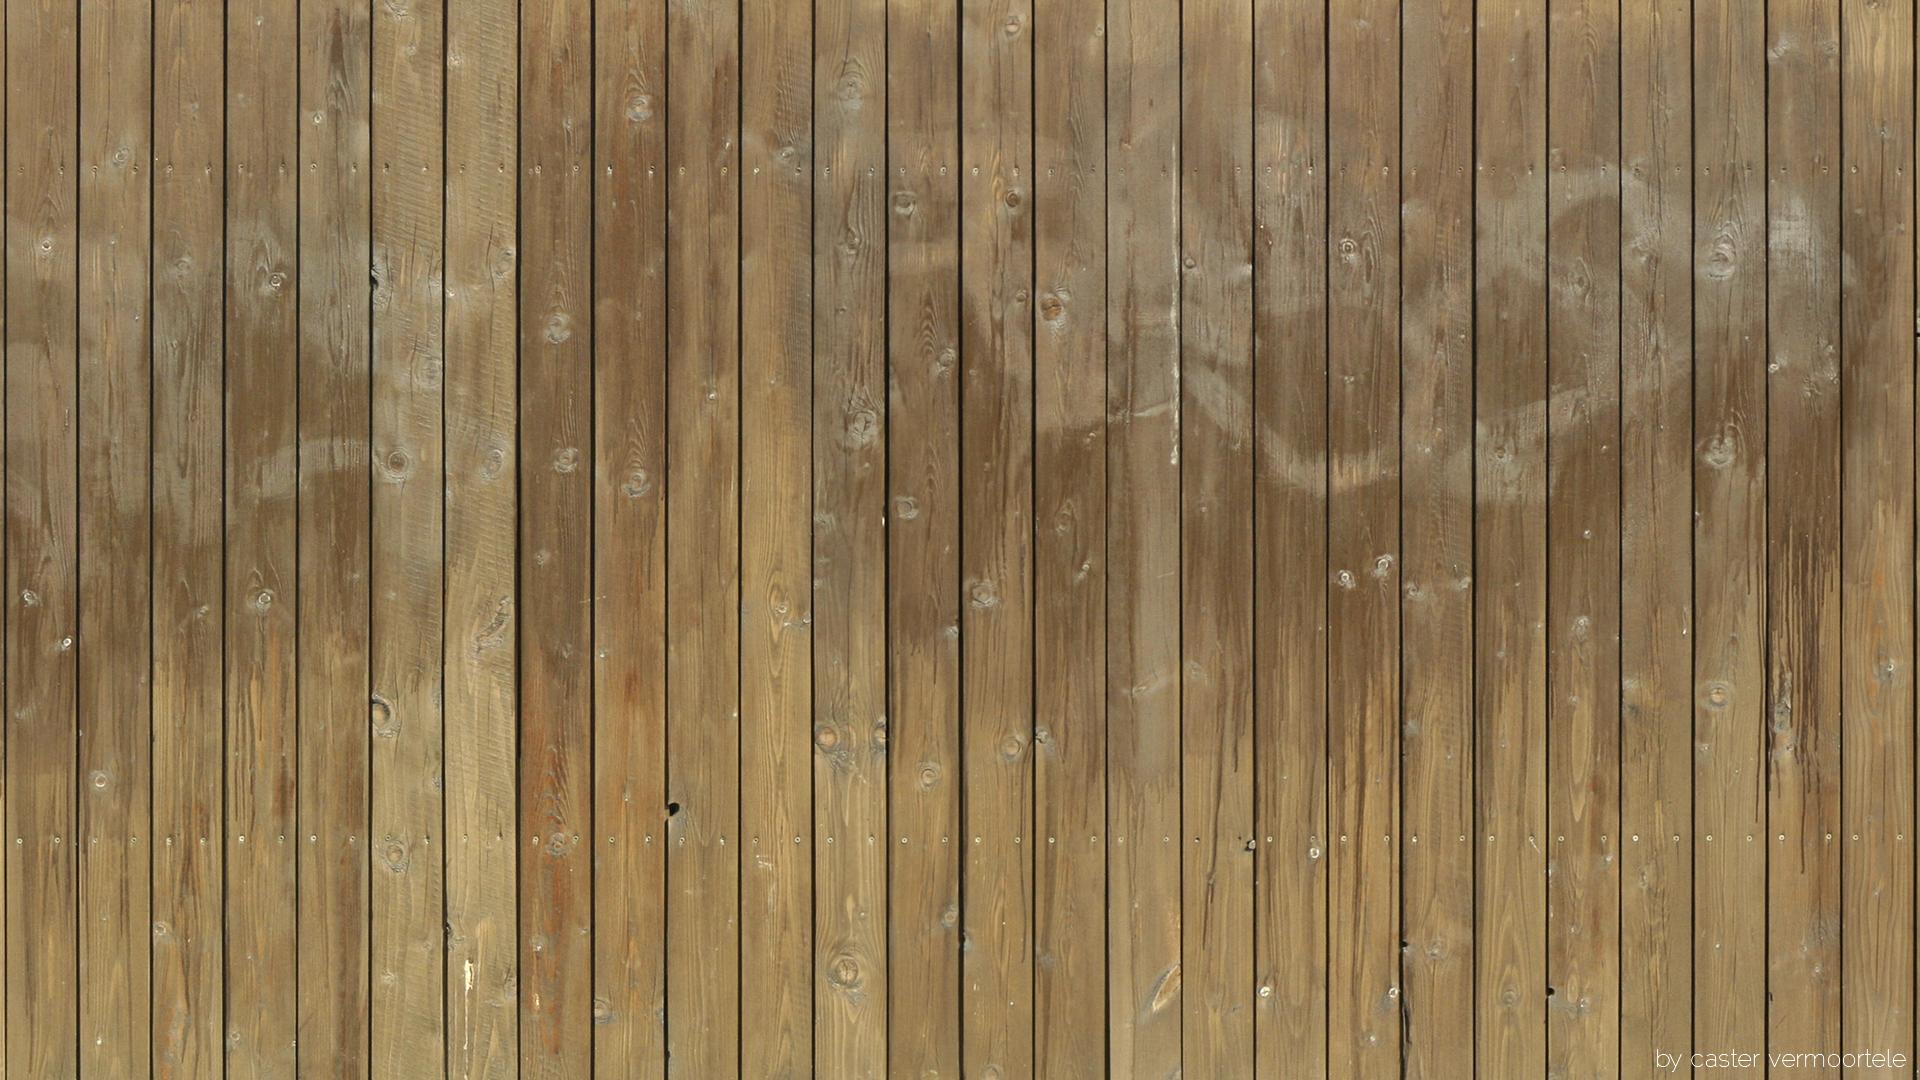 Texture Floor Wood Woodcut Textures Textured Wallpaper